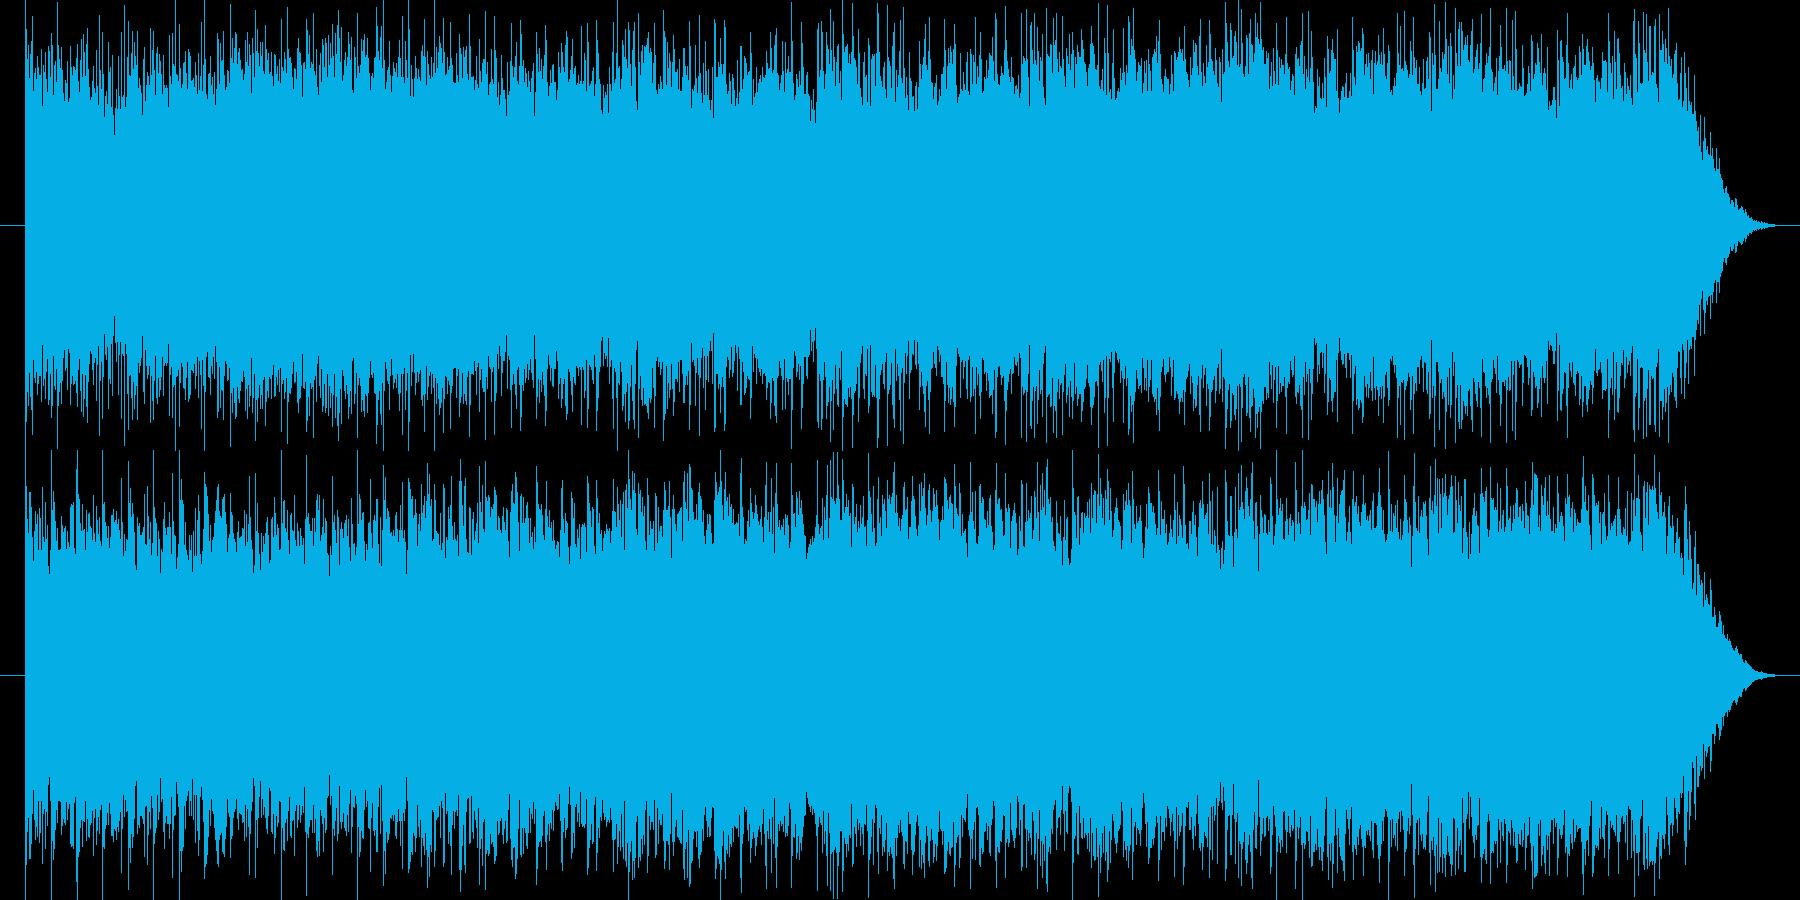 ほのぼのした雰囲気のフルートメロの楽曲の再生済みの波形